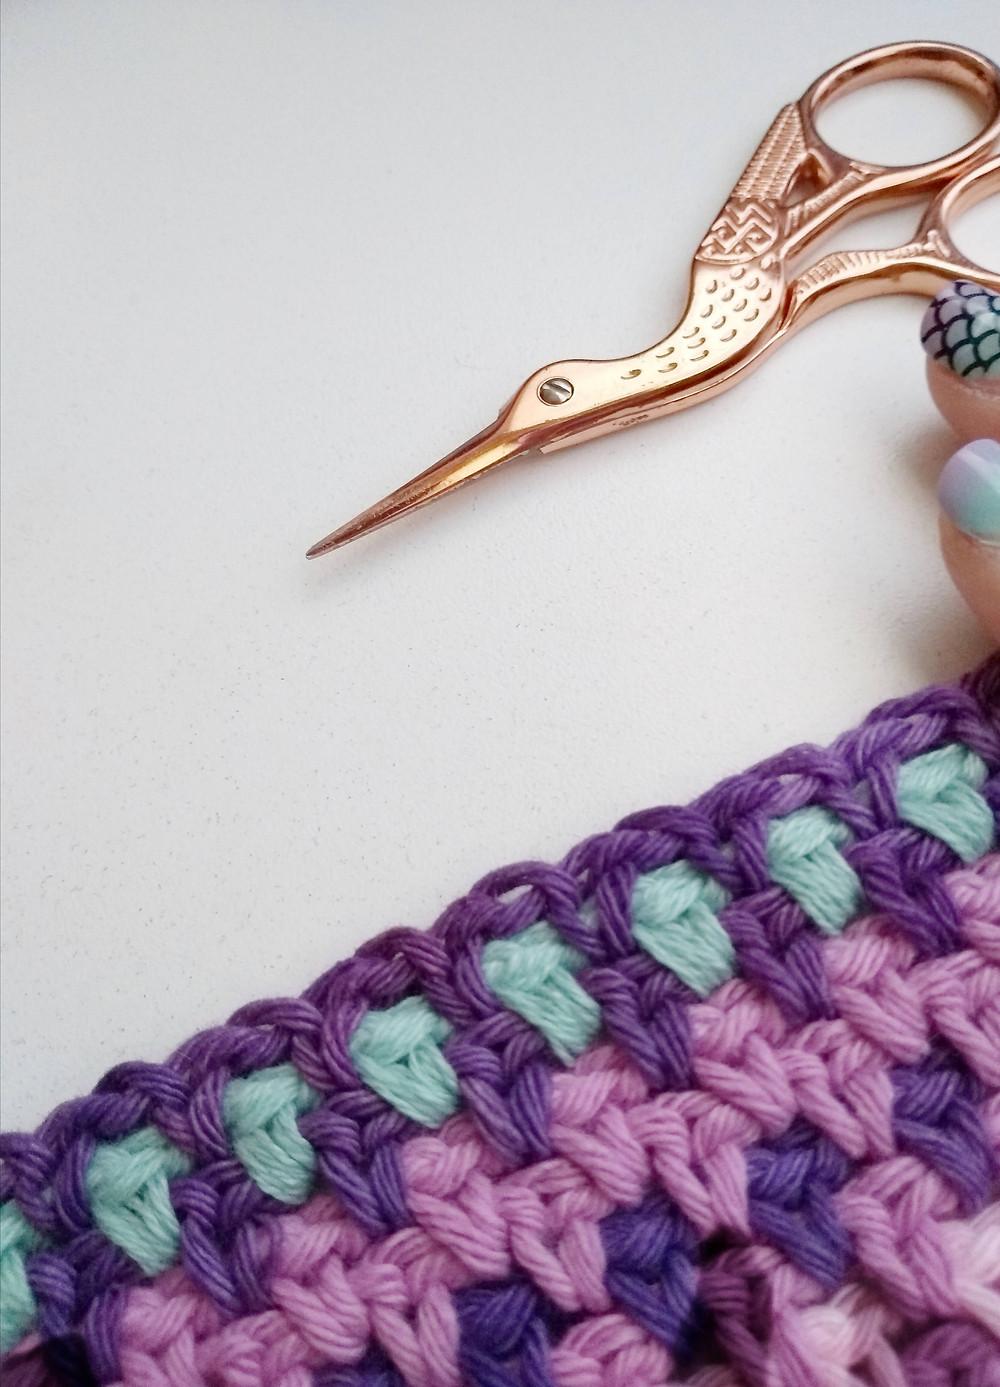 Tejido colorido tijera cisne